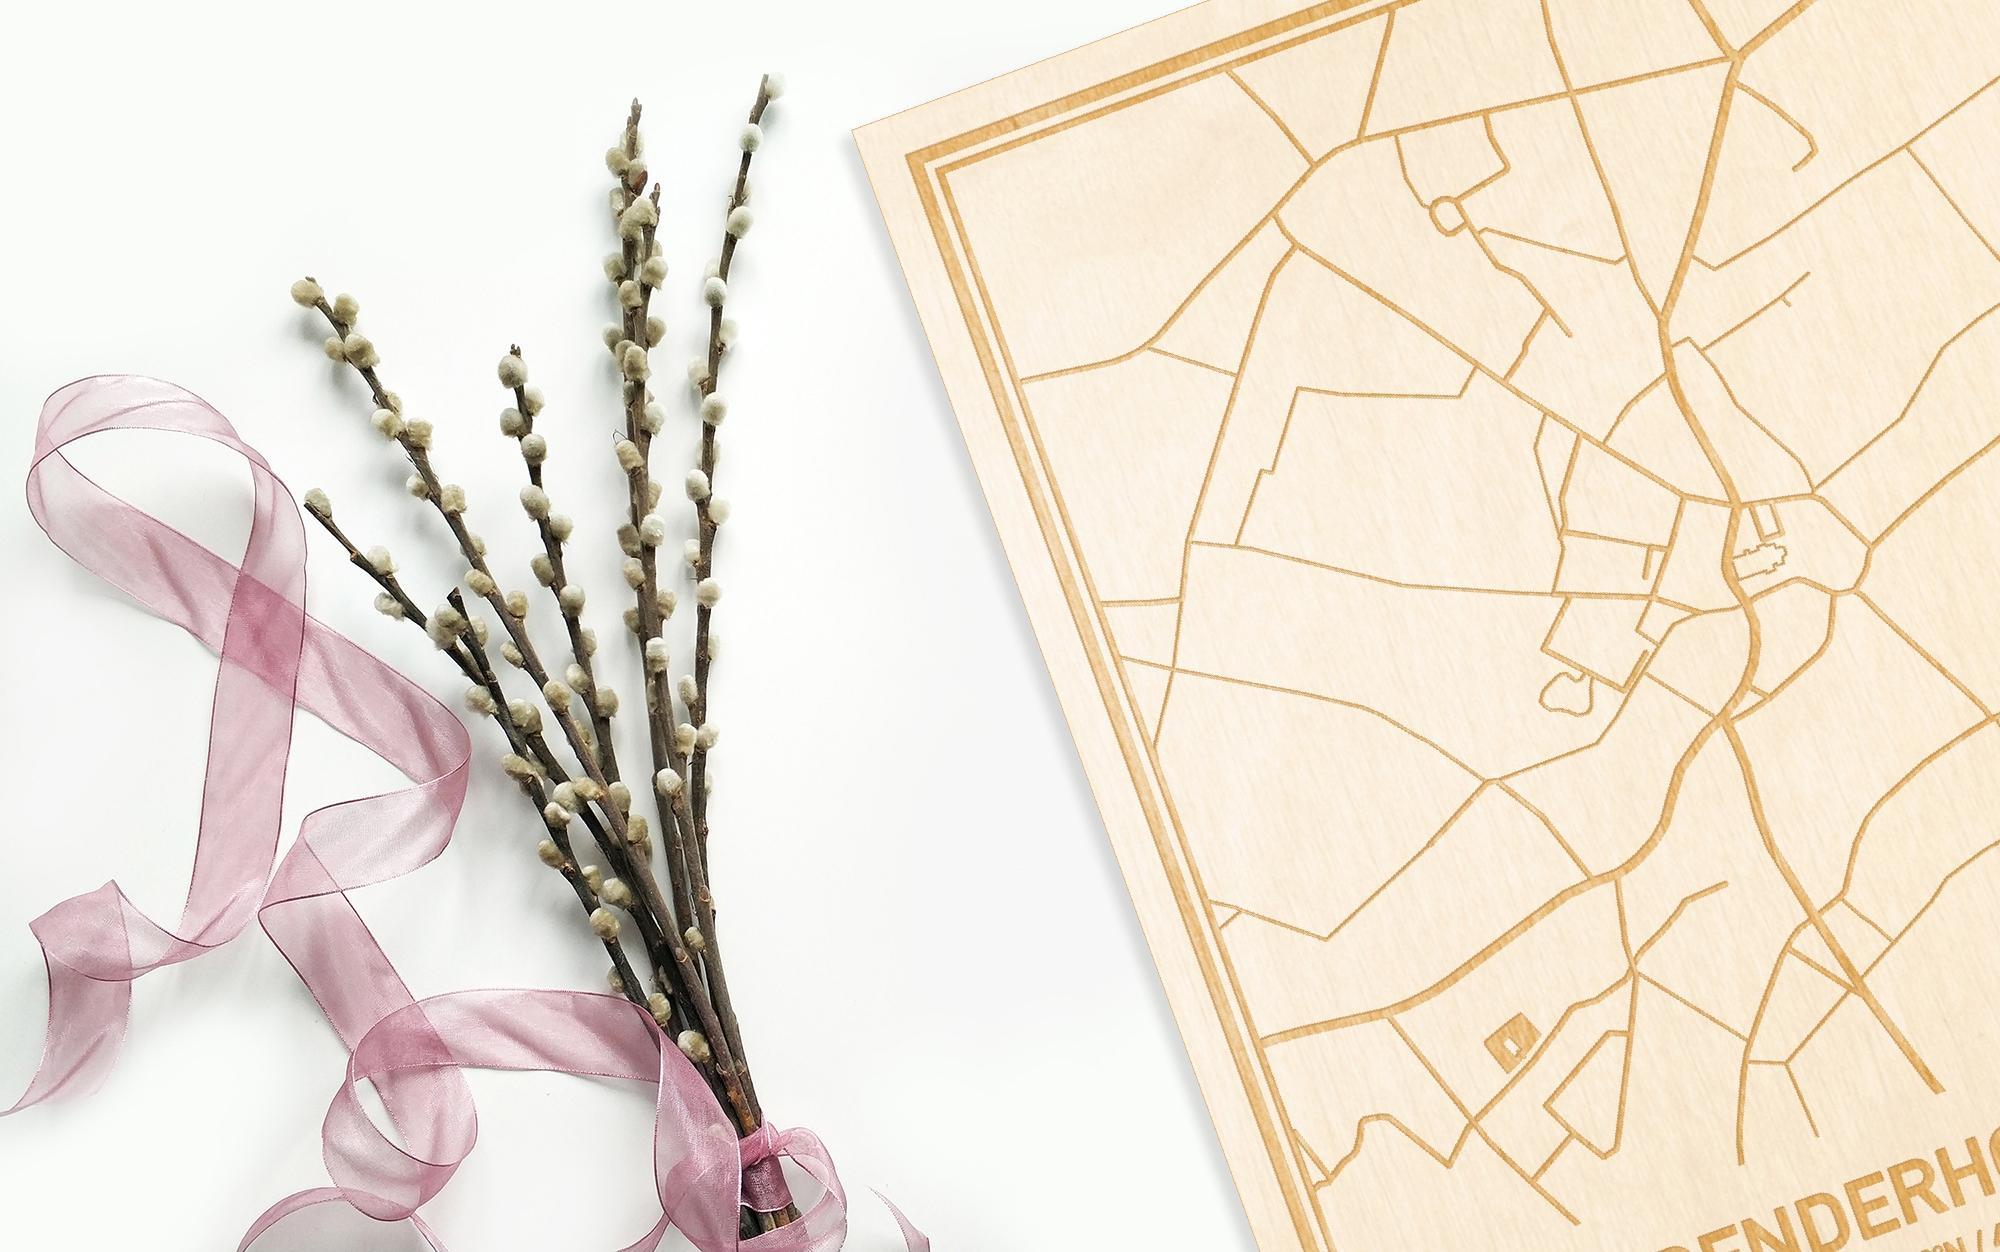 Hier ligt de houten plattegrond Denderhoutem naast een bloemetje als gepersonaliseerd cadeau voor haar.